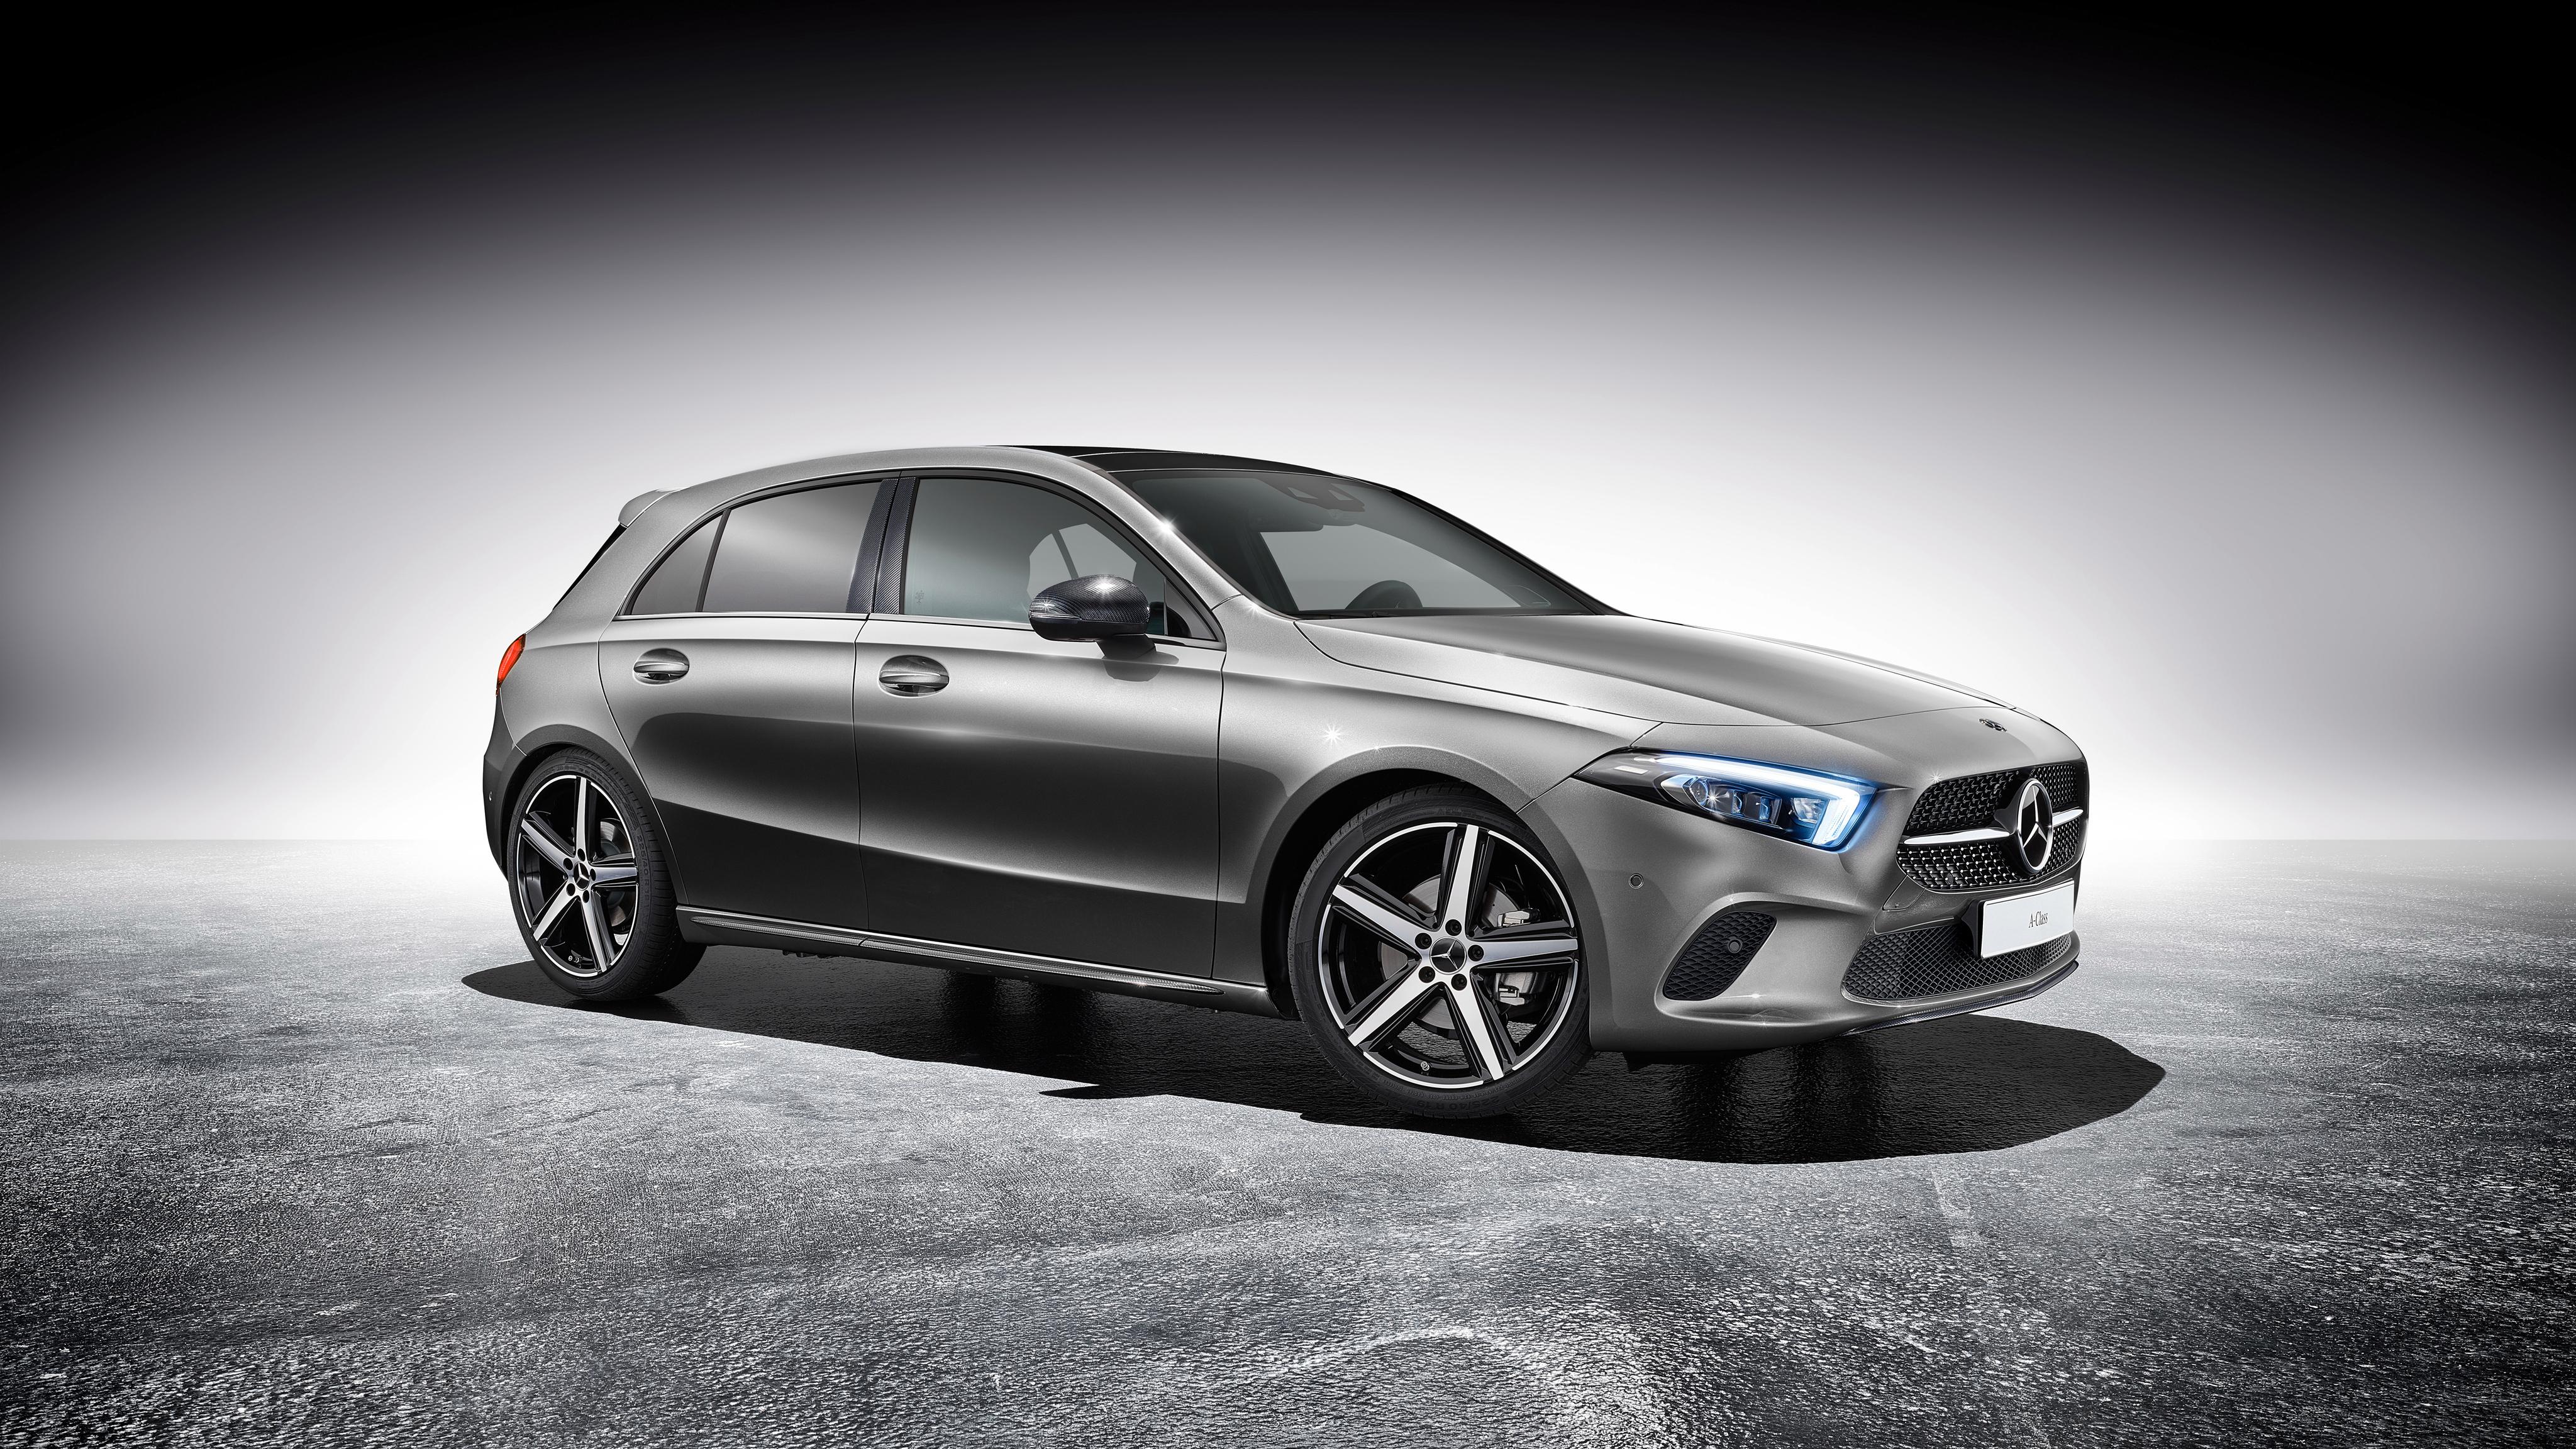 2018 Mercedes Benz A Klasse Sport Accessories 4K Wallpaper ...